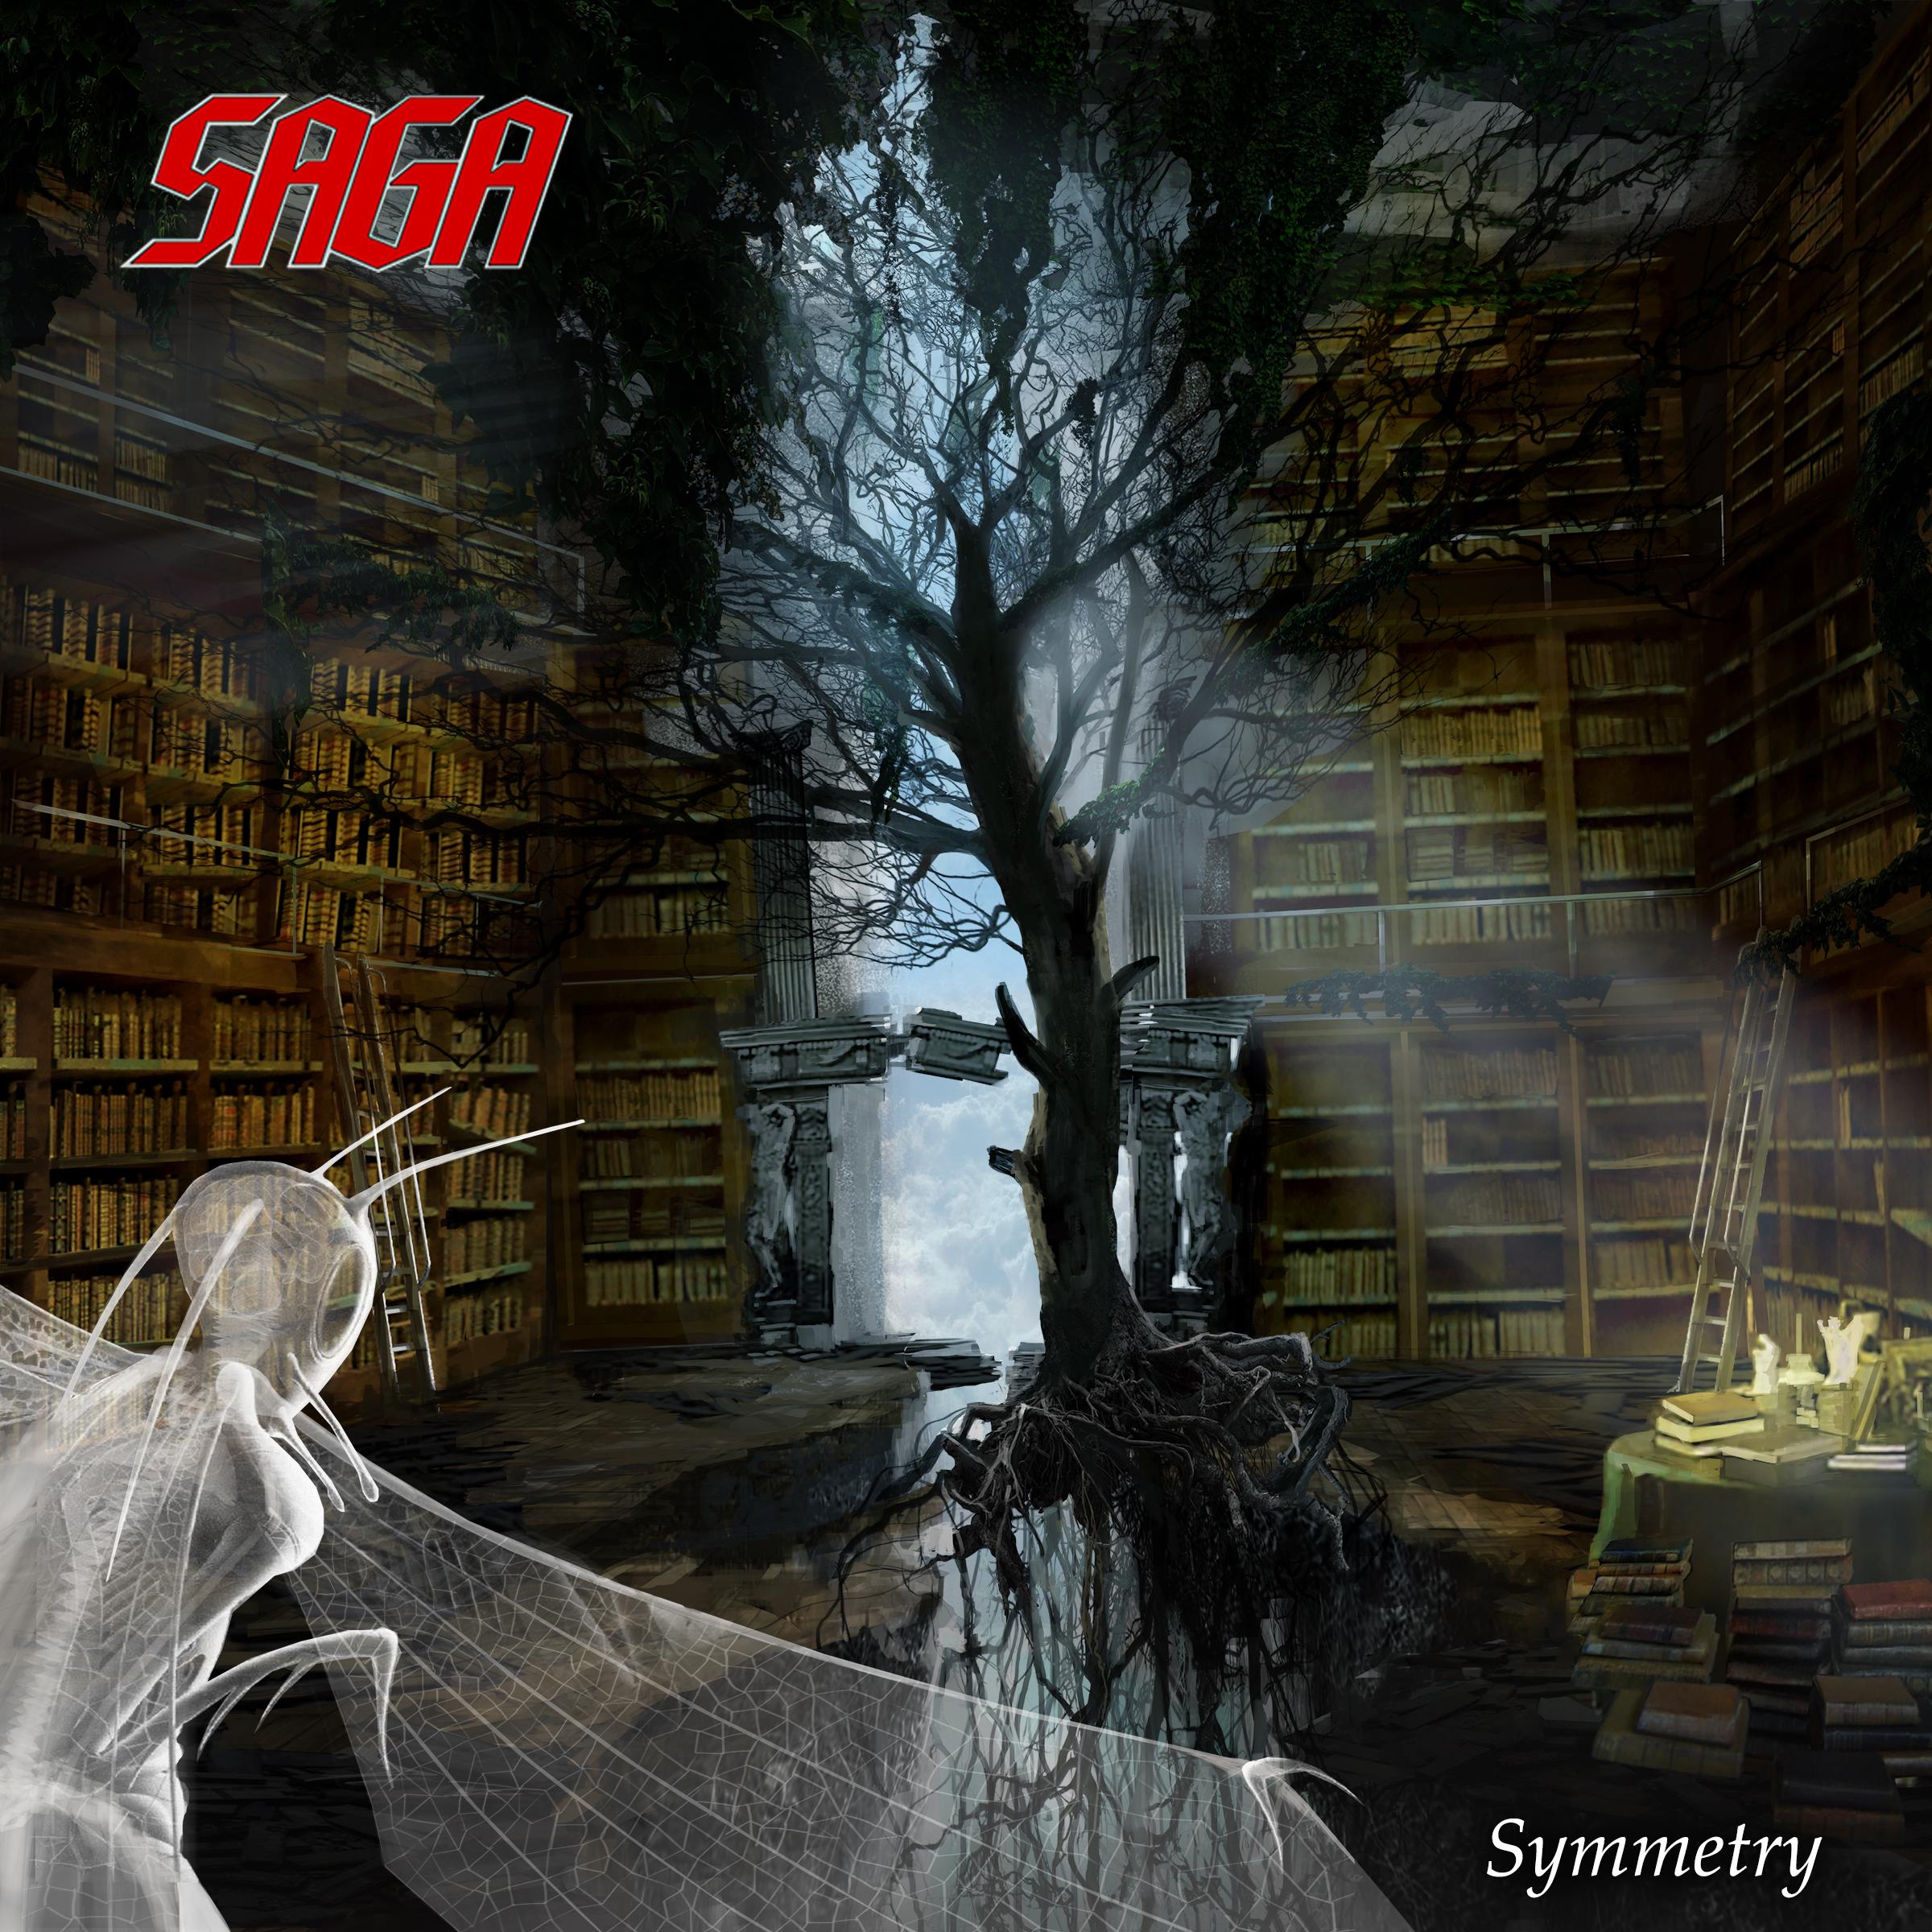 saga-veroeffentlichen-tired-world-erste-single-vom-neuen-album-symmetry